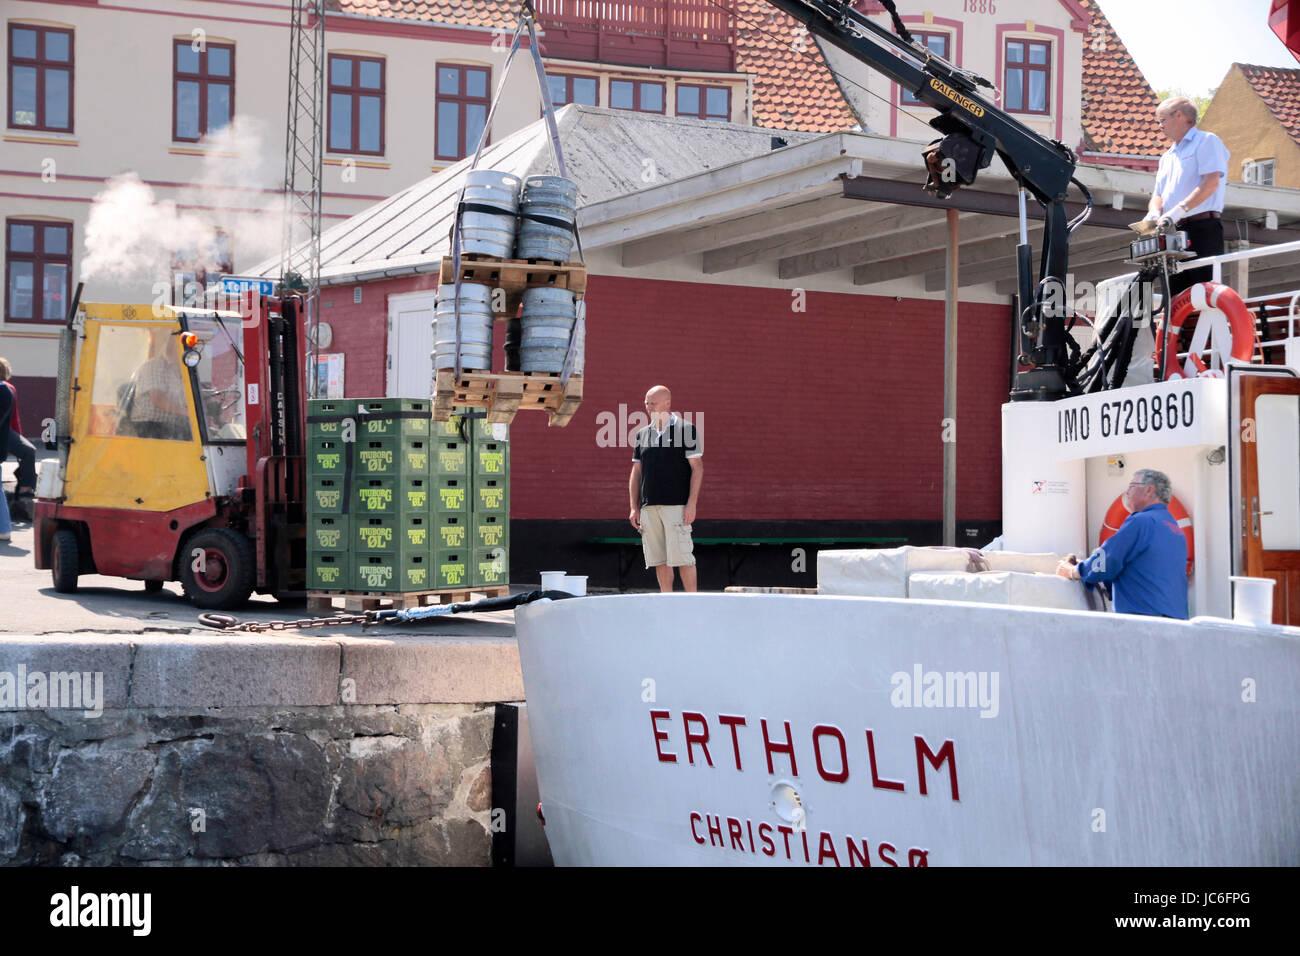 Schiff beim Entladen in Gudhjem auf Bornholm, Dänemark Stock Photo